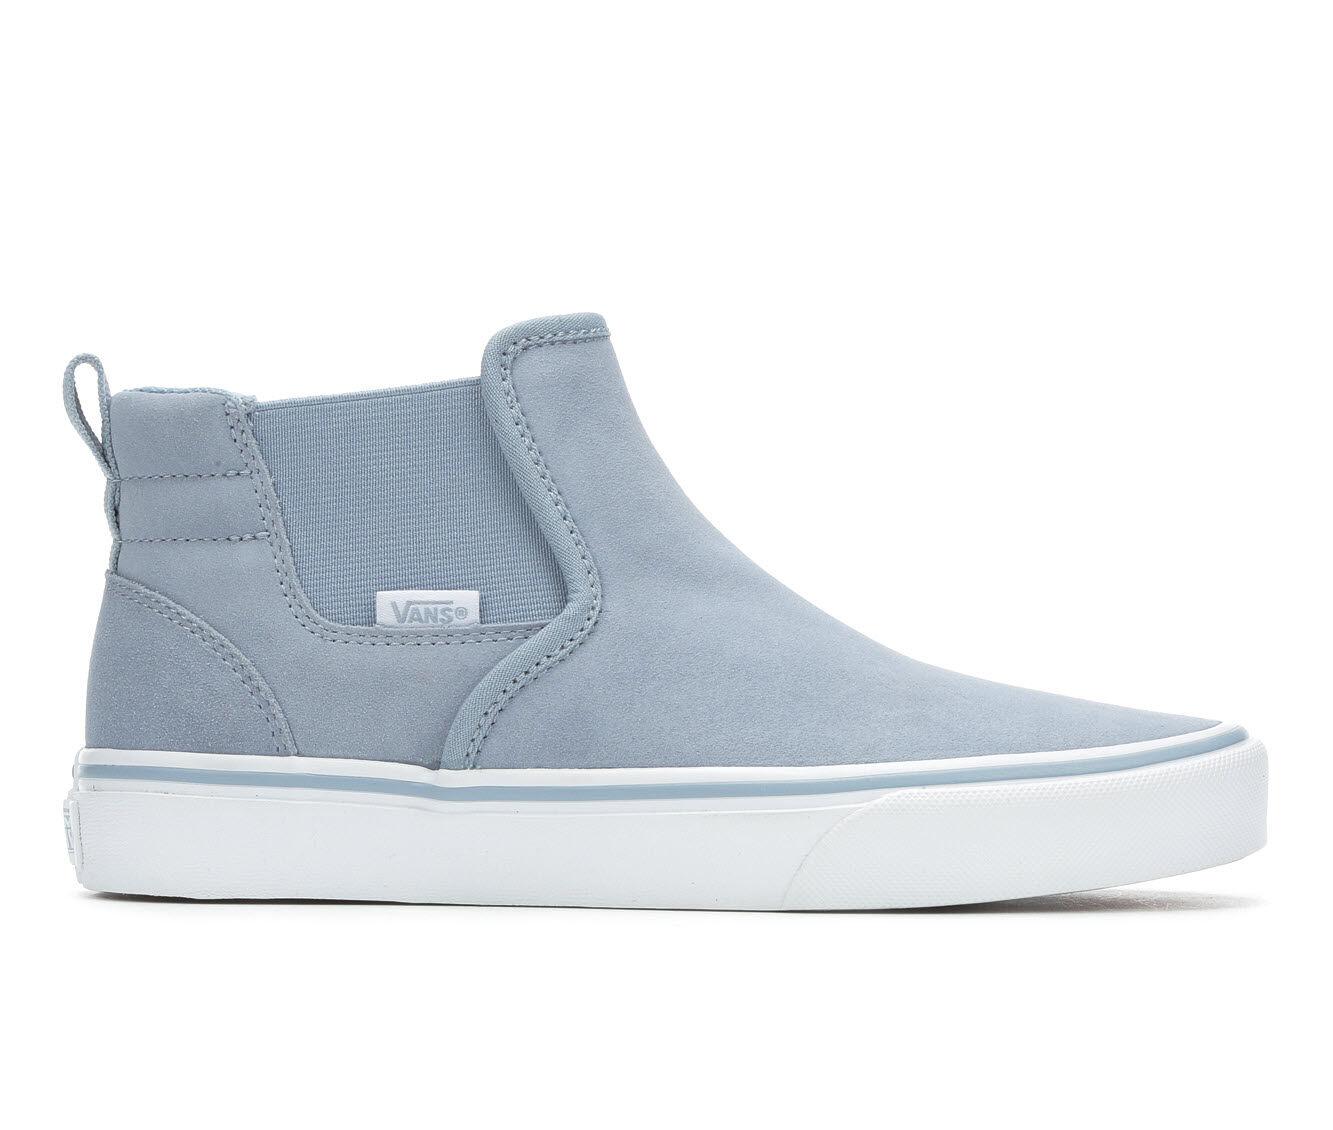 Women's Vans Asher Mid Skate Shoes Blue Fog/White